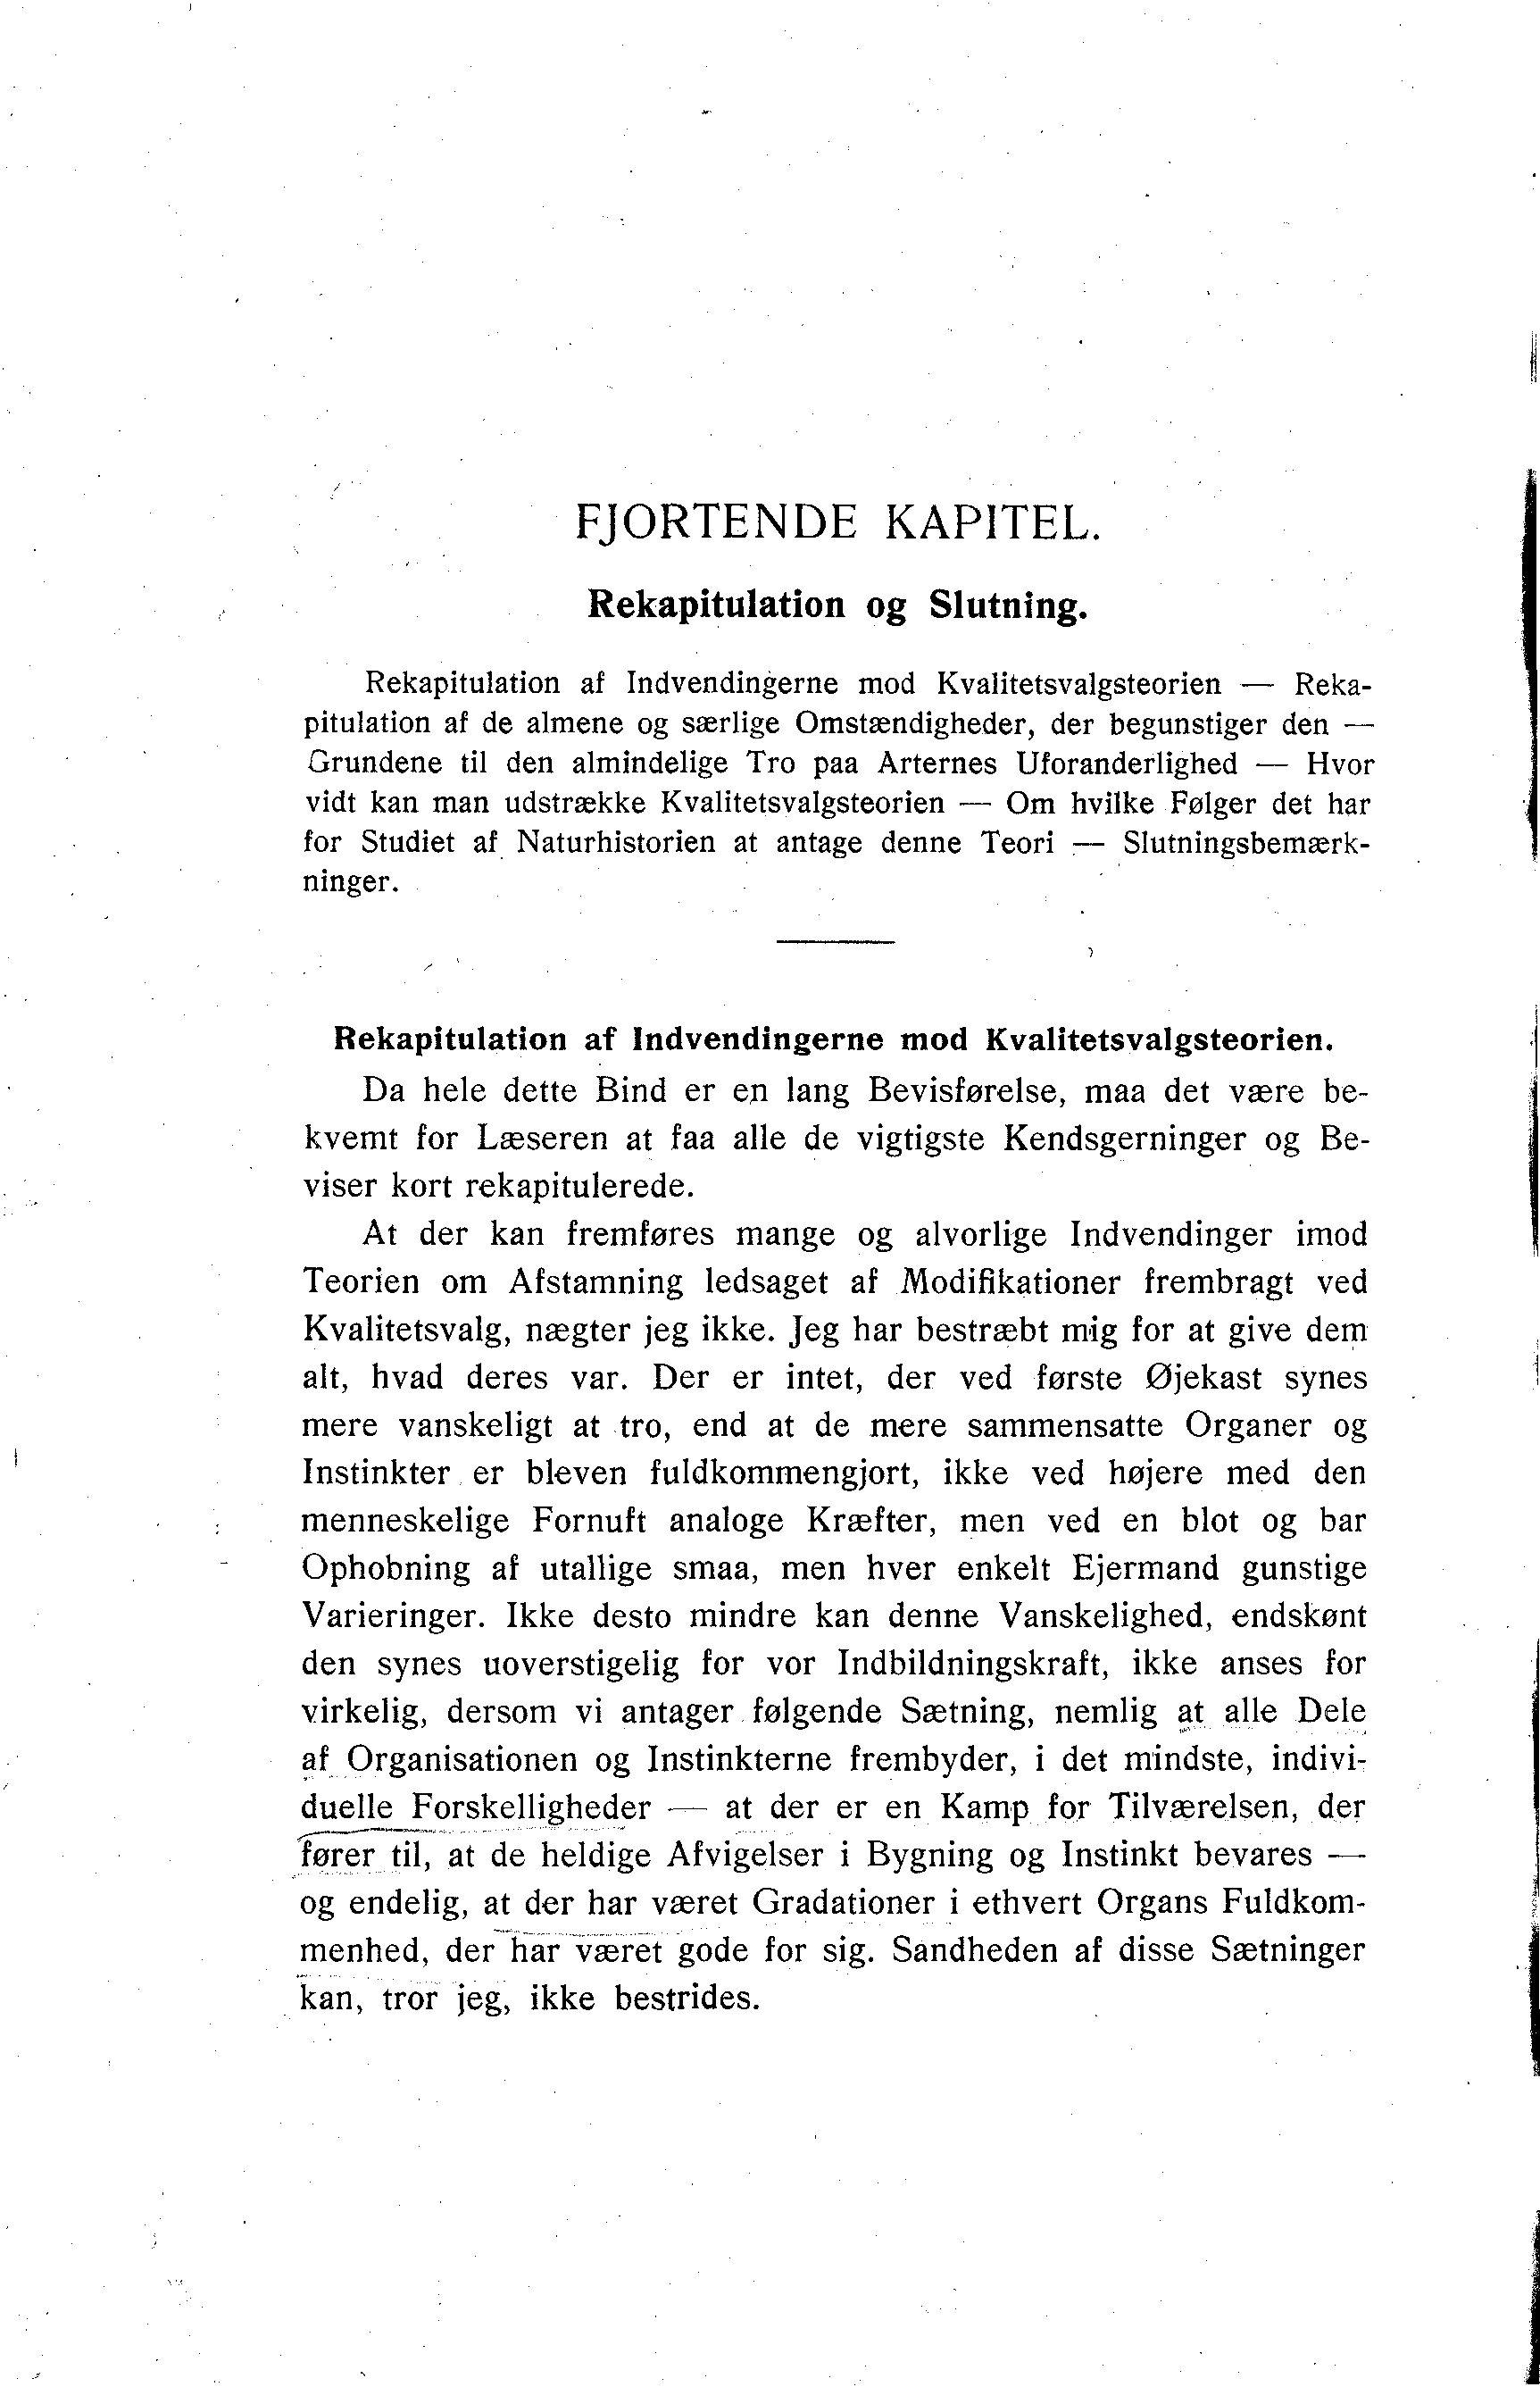 67fa48e3ef8 Darwin, C. R. 1909. Om Arternes Oprindelse ved Kvalitetsvalg eller ved de  heldigst stillede Formers Sejr i Kampen for Tilvaerelsen.